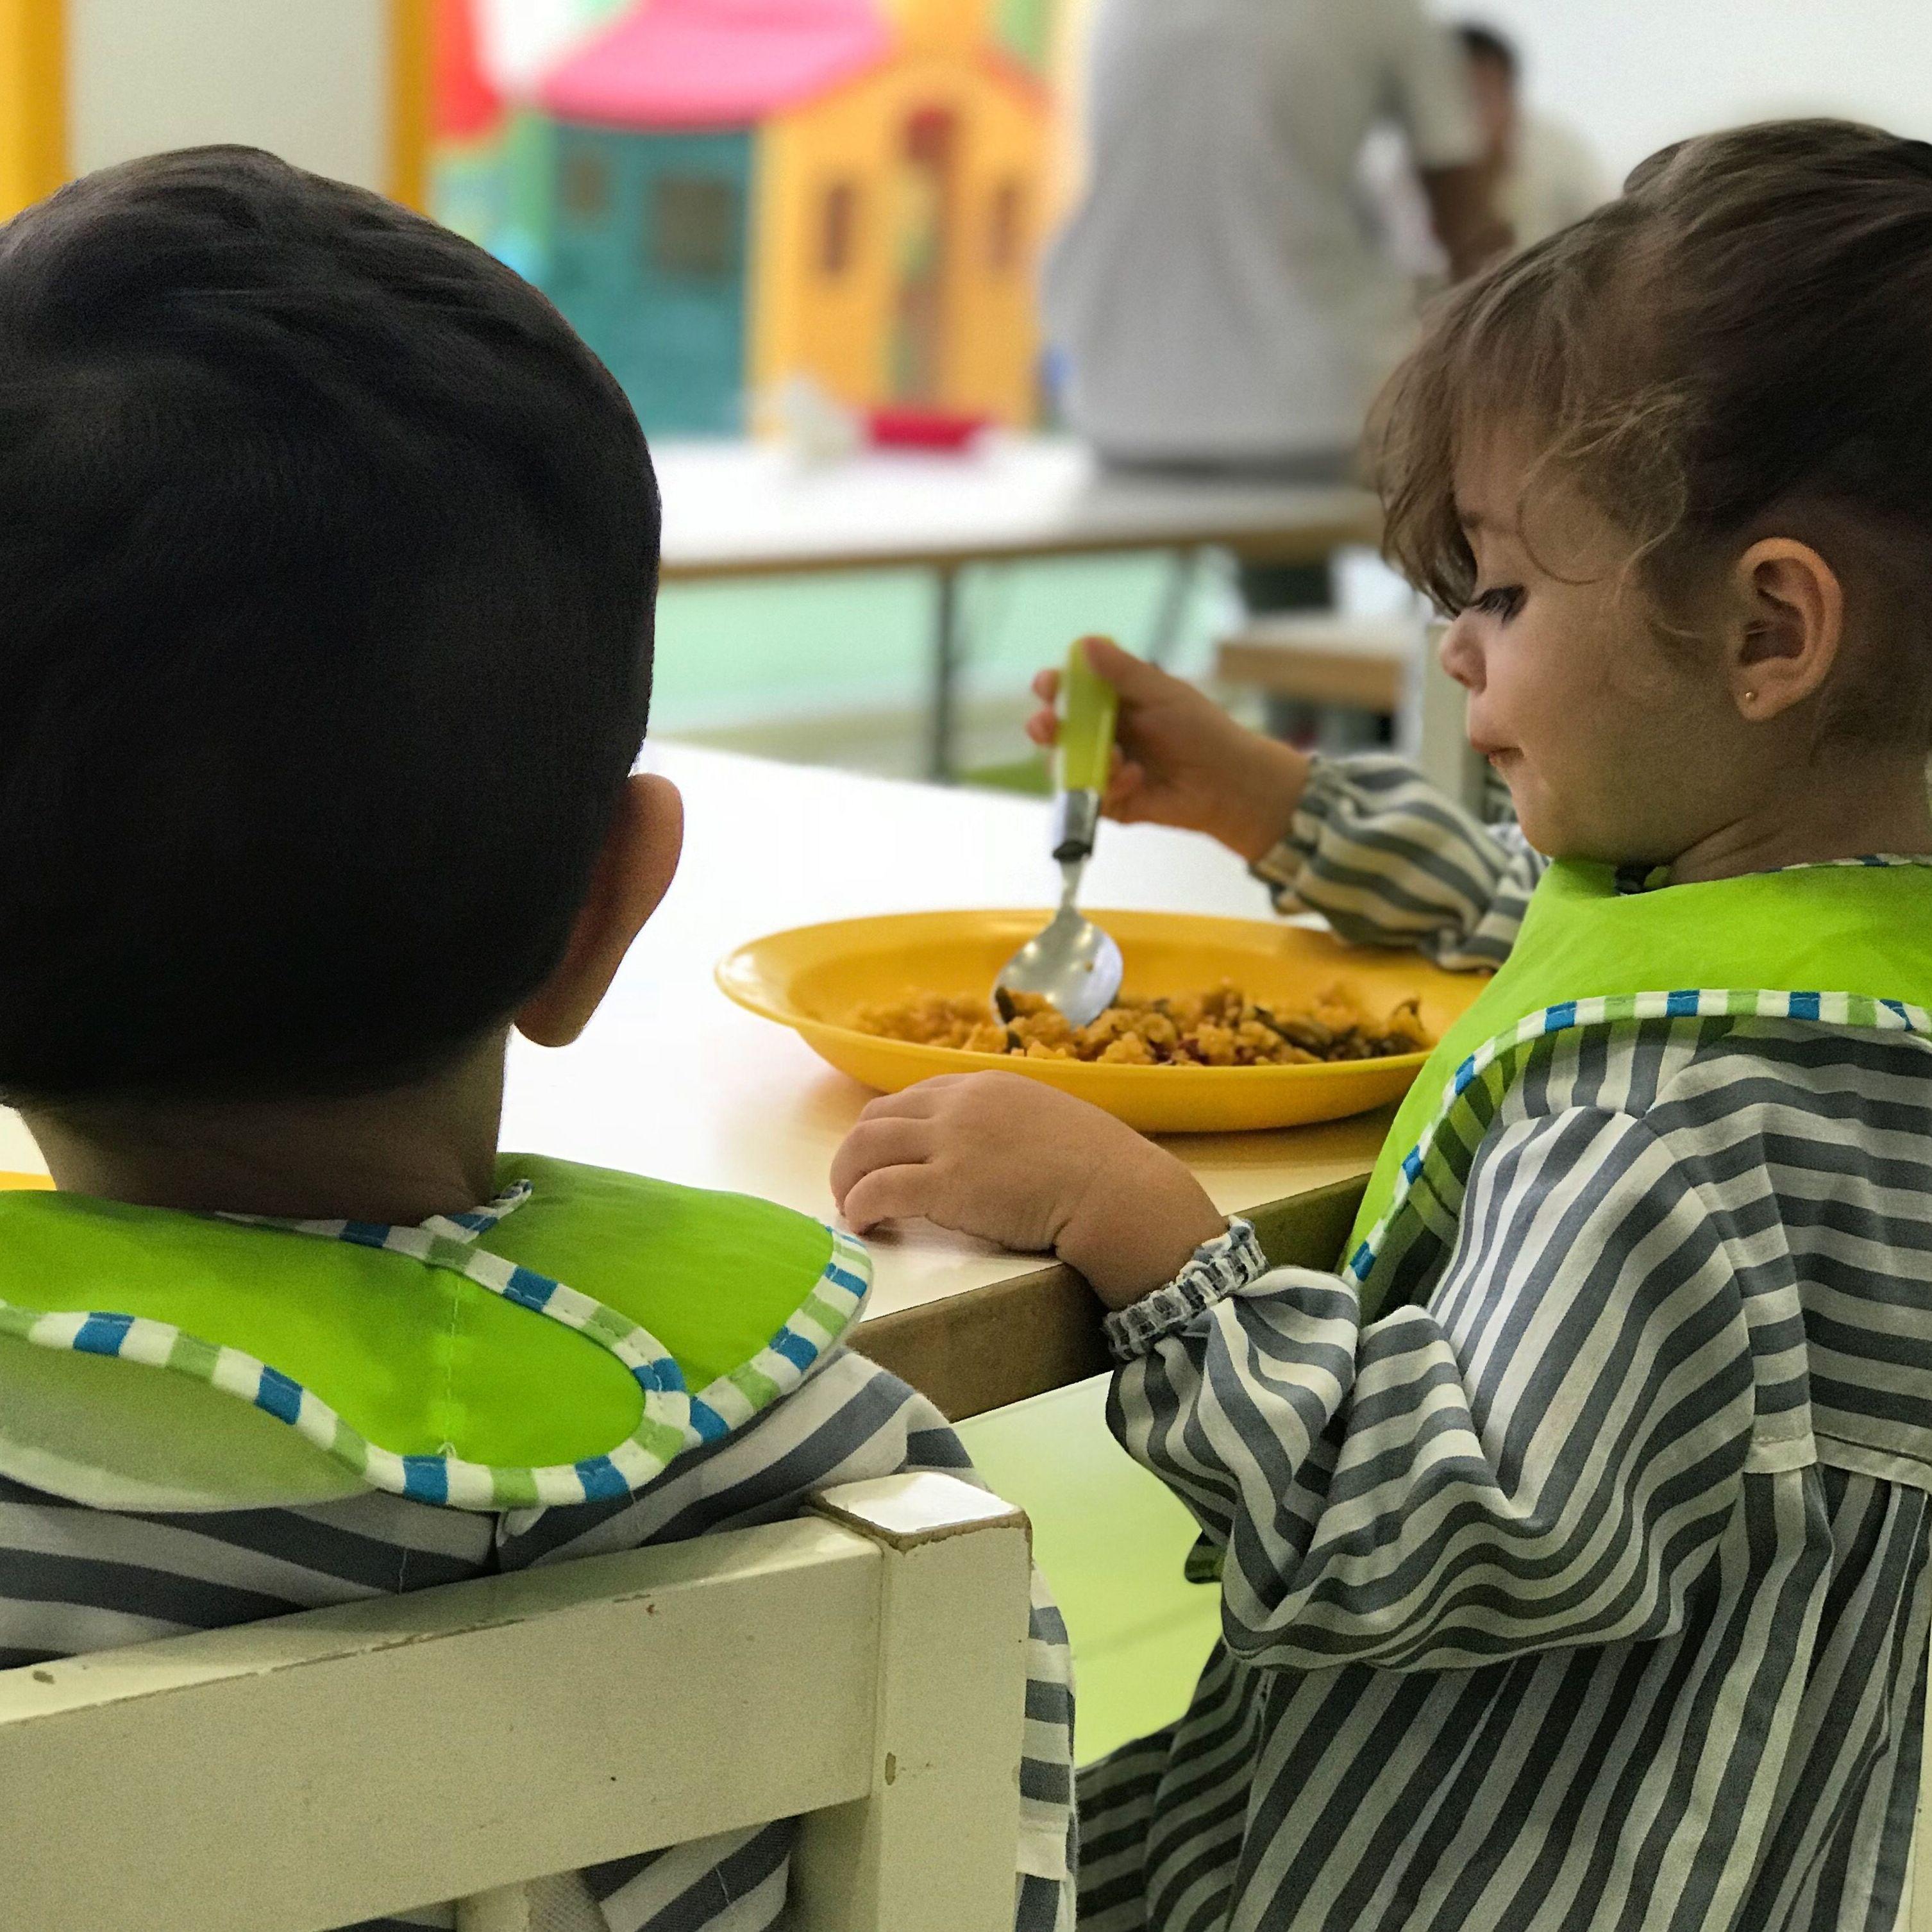 Servicio de comedor: Nuestro método de Little Friends